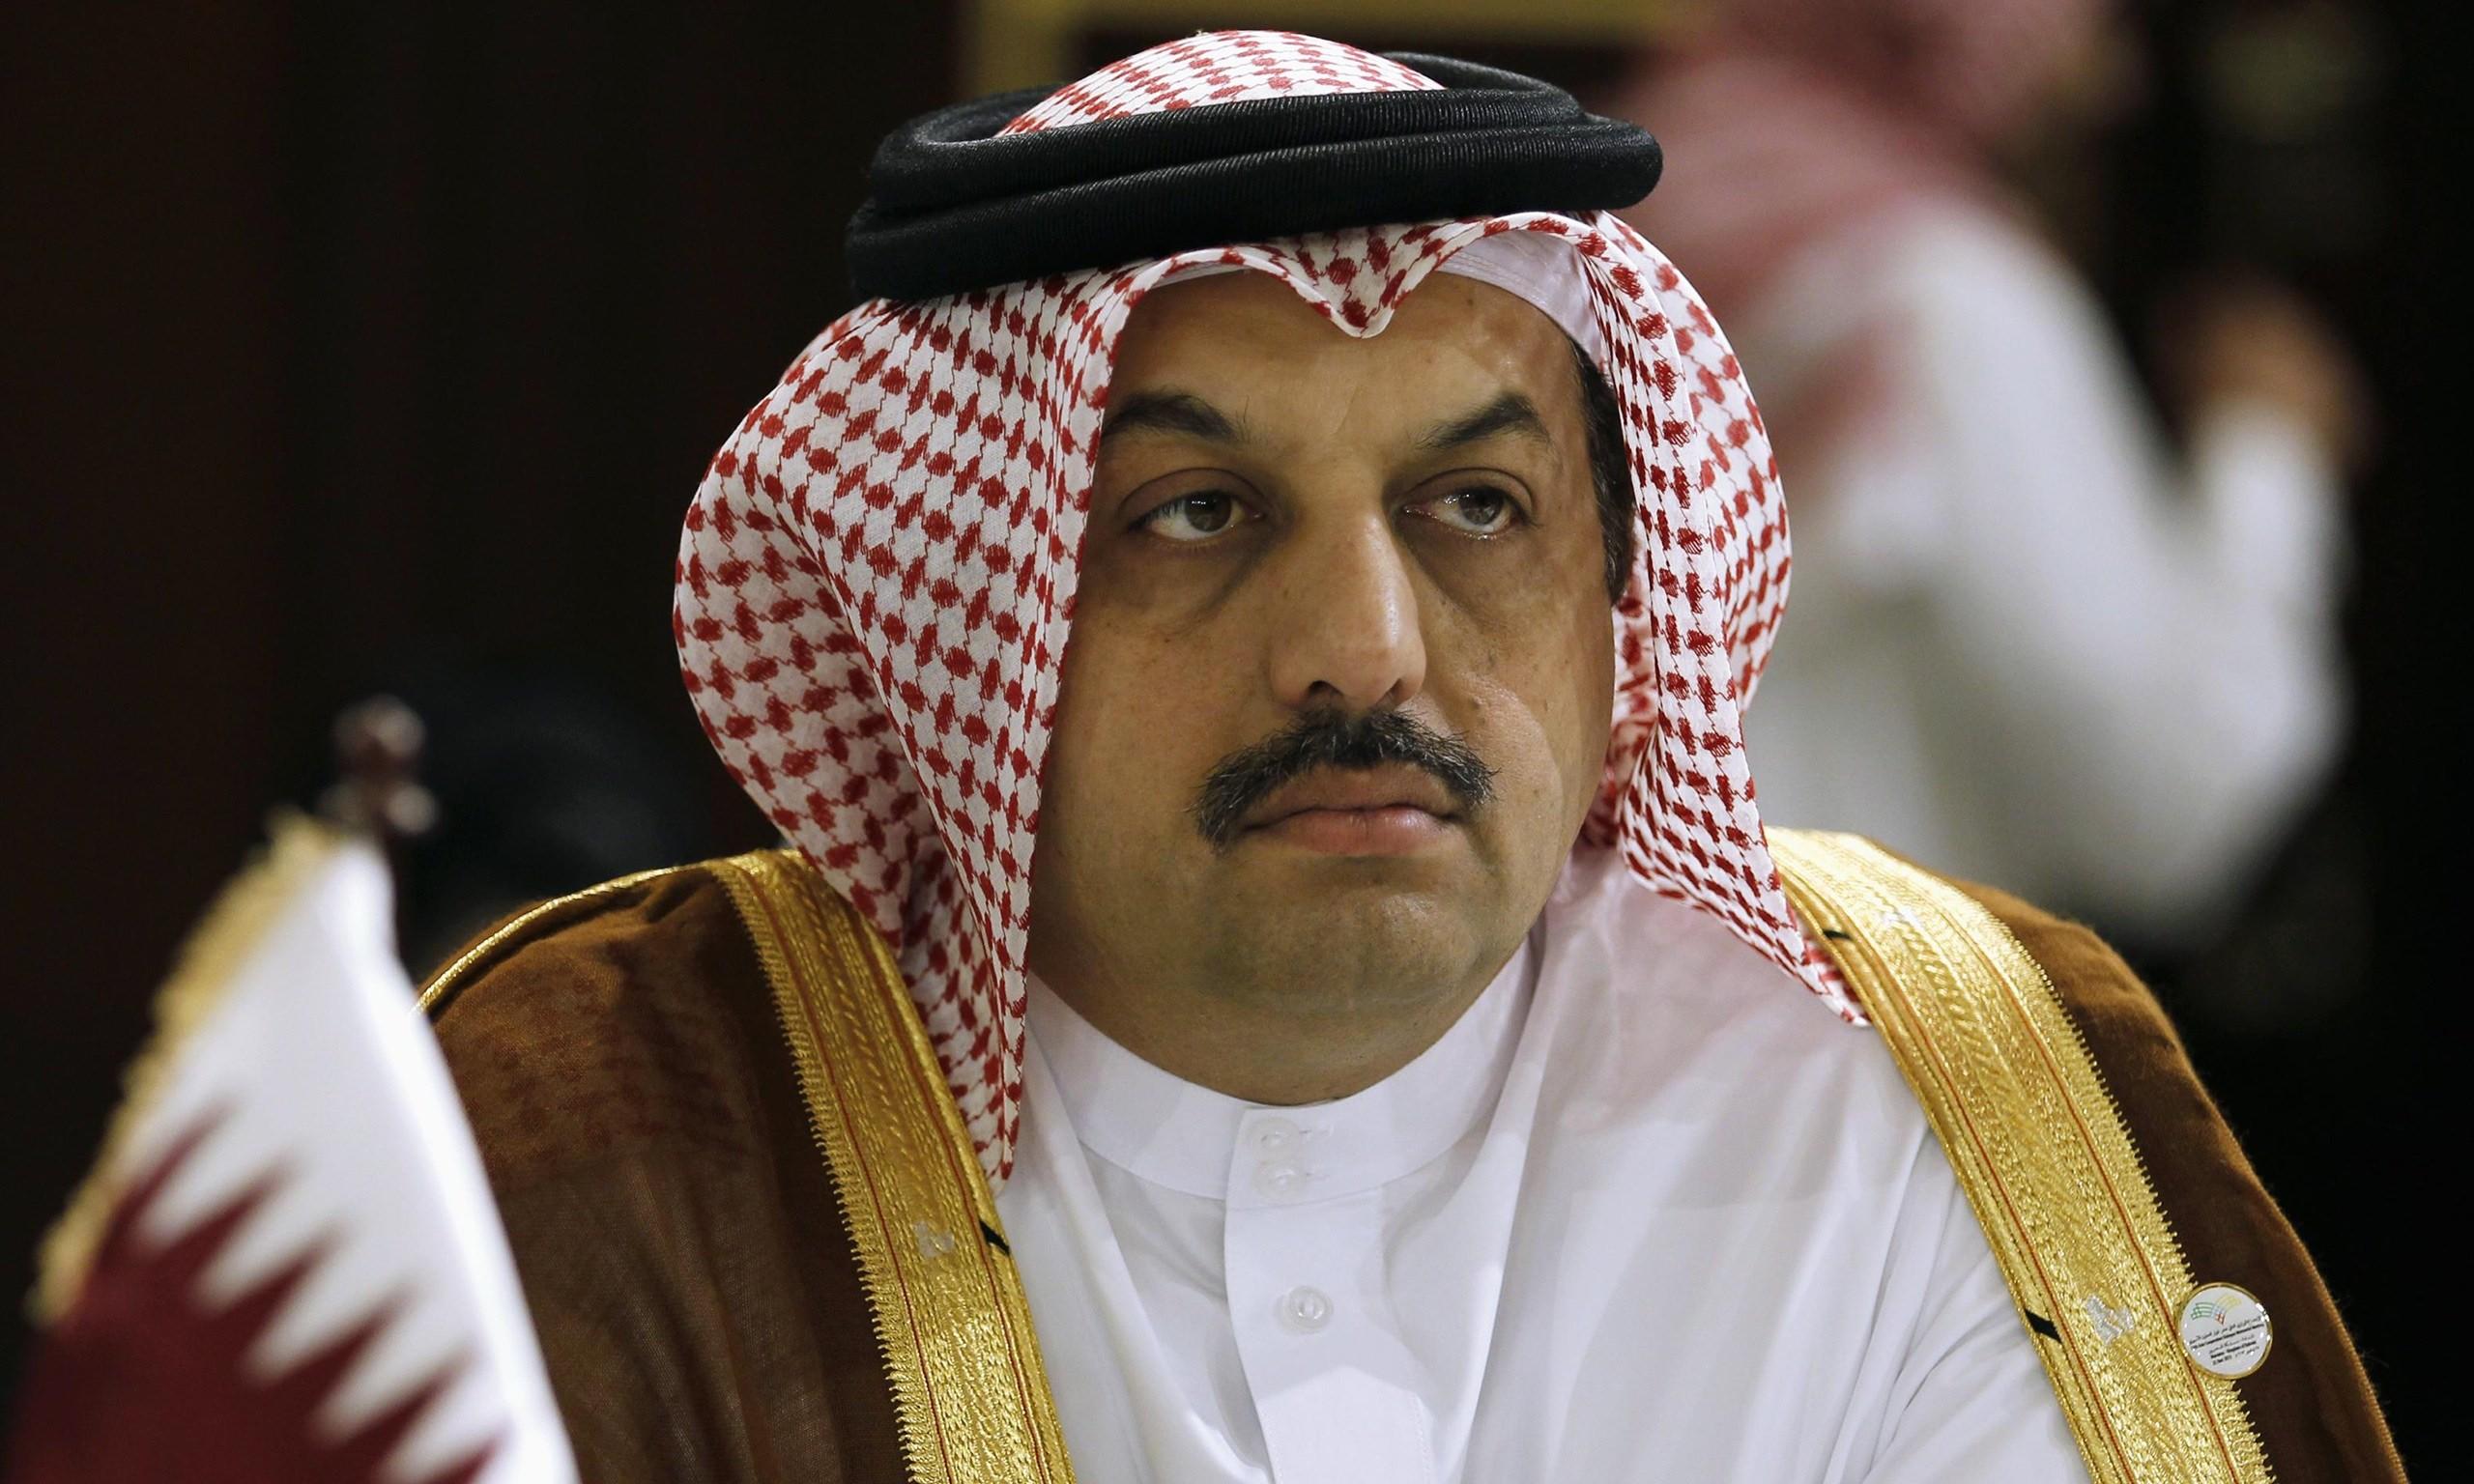 وزیر خارجه قطر: اسد و رژیم وحشی وی بزرگترین پشتیبان تروریسم هستند 